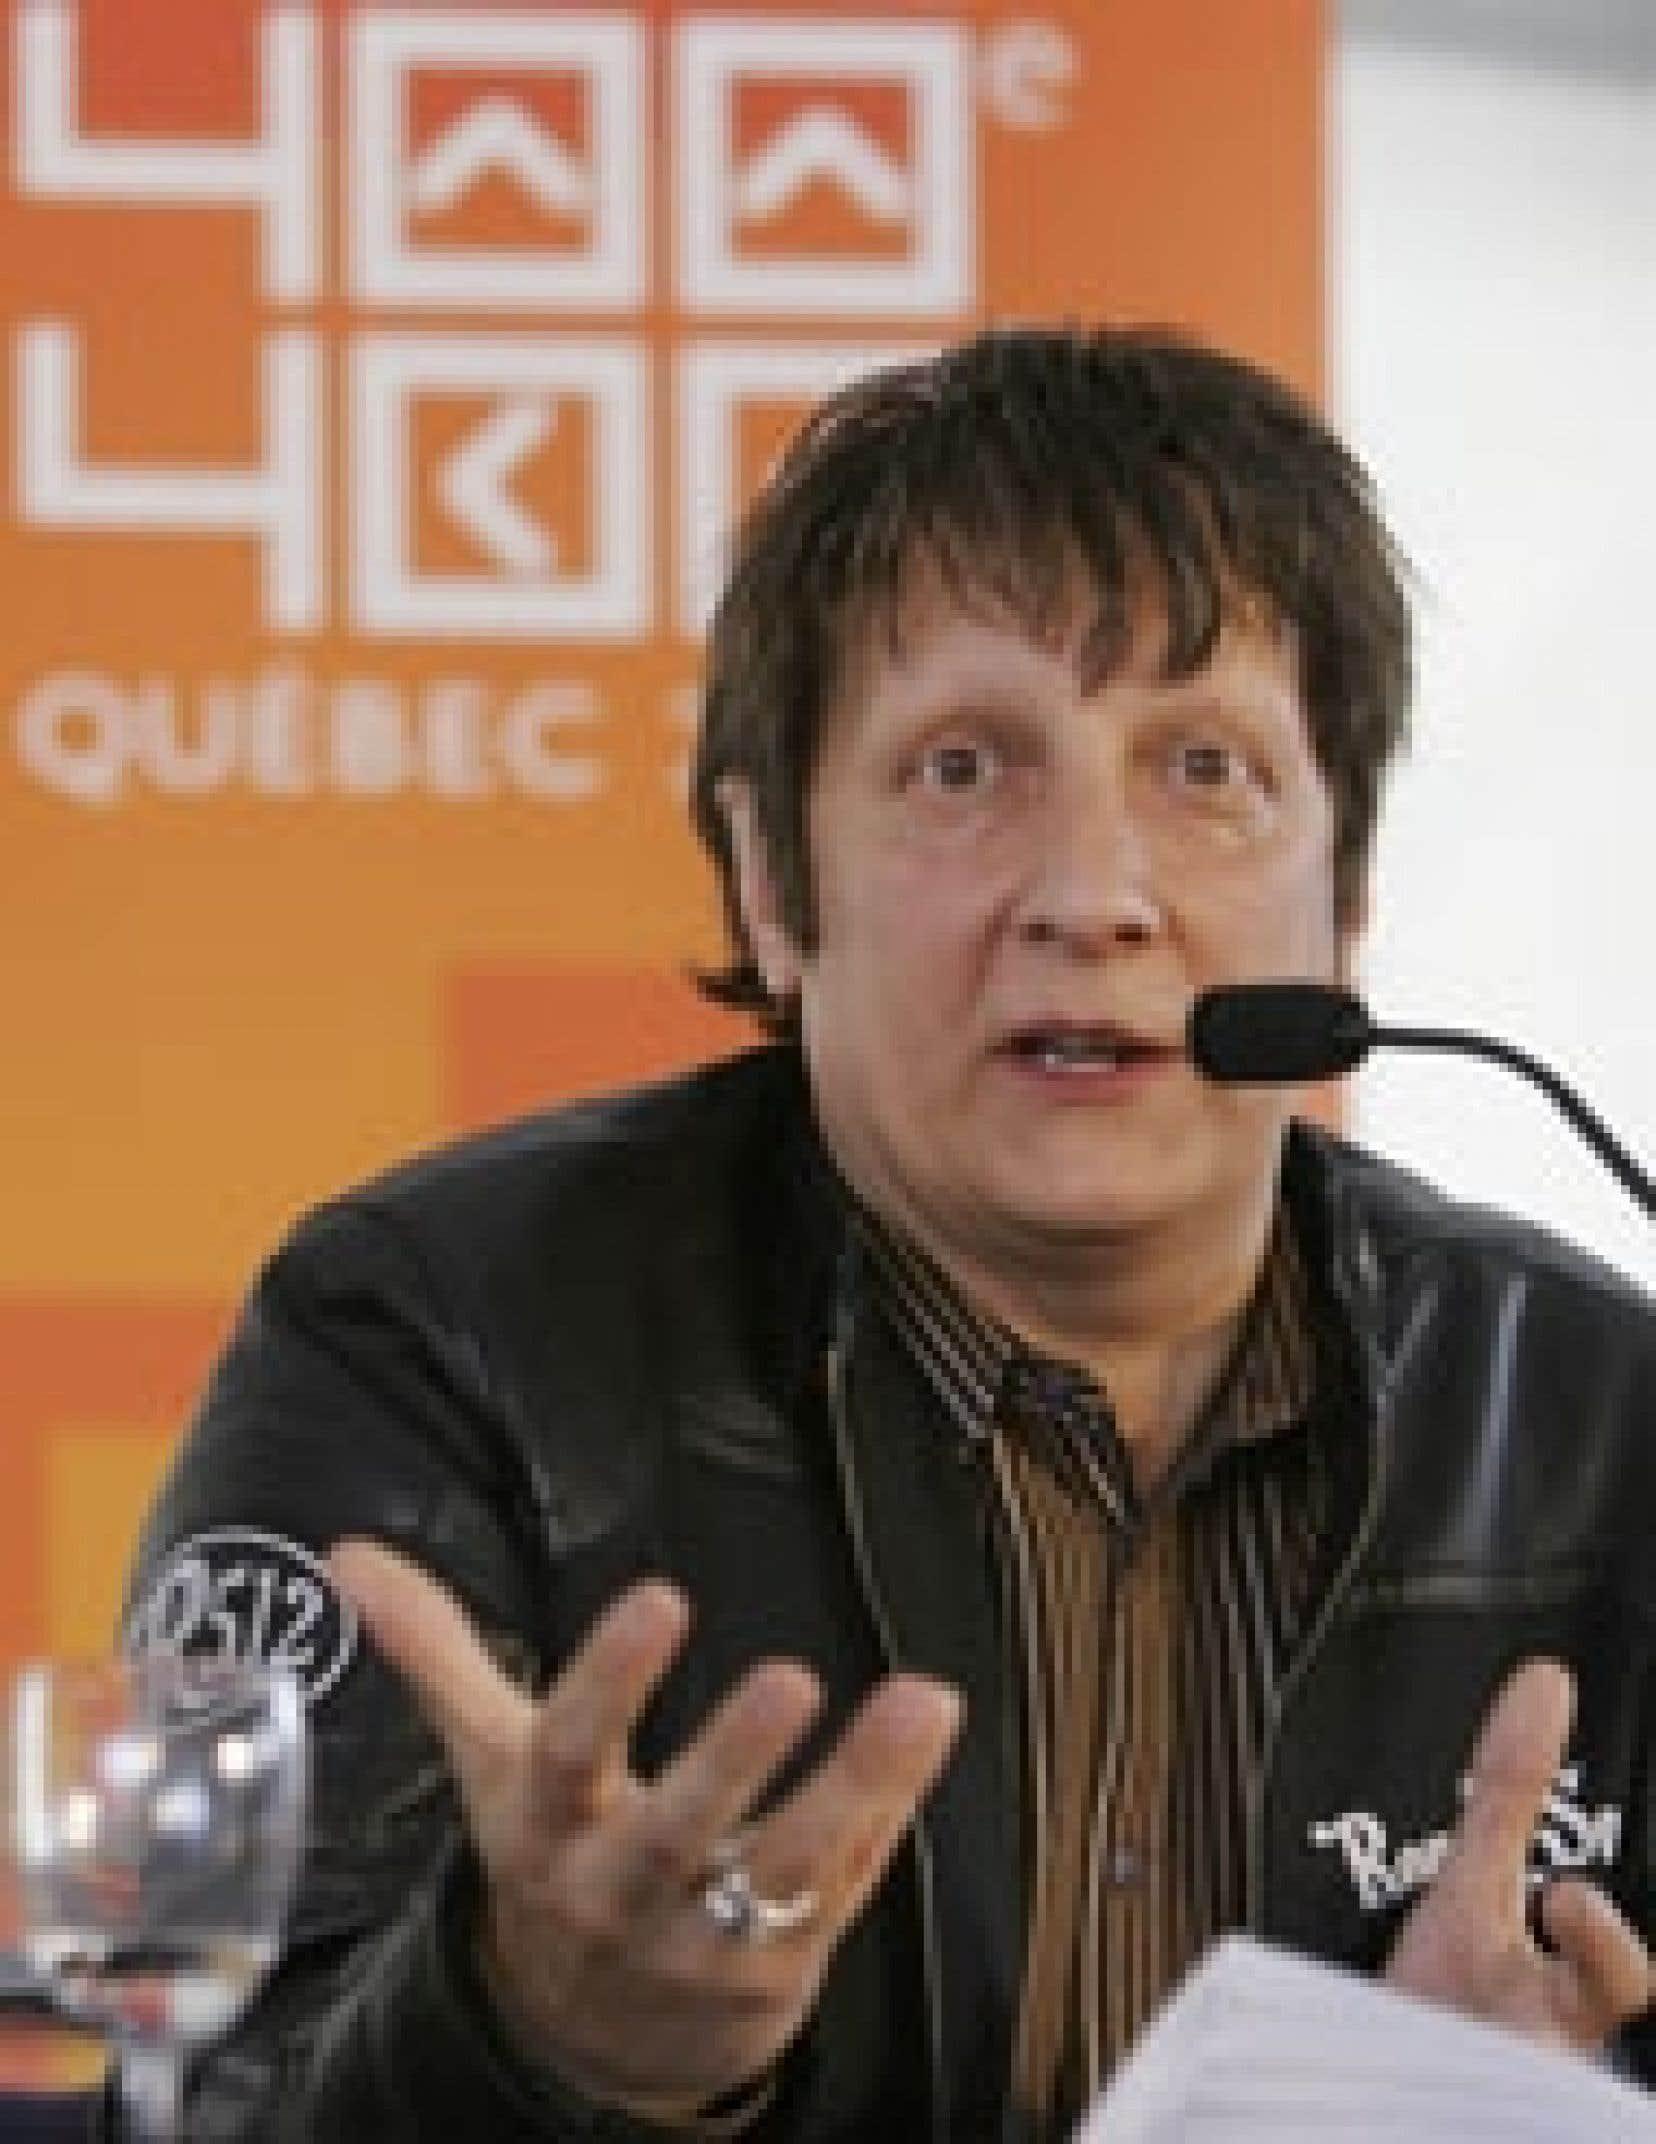 La fermeture de la boîte de production de Robert Lepage, en juin dernier, a été perçue par plusieurs comme le début de la fin du cinéma à Québec.